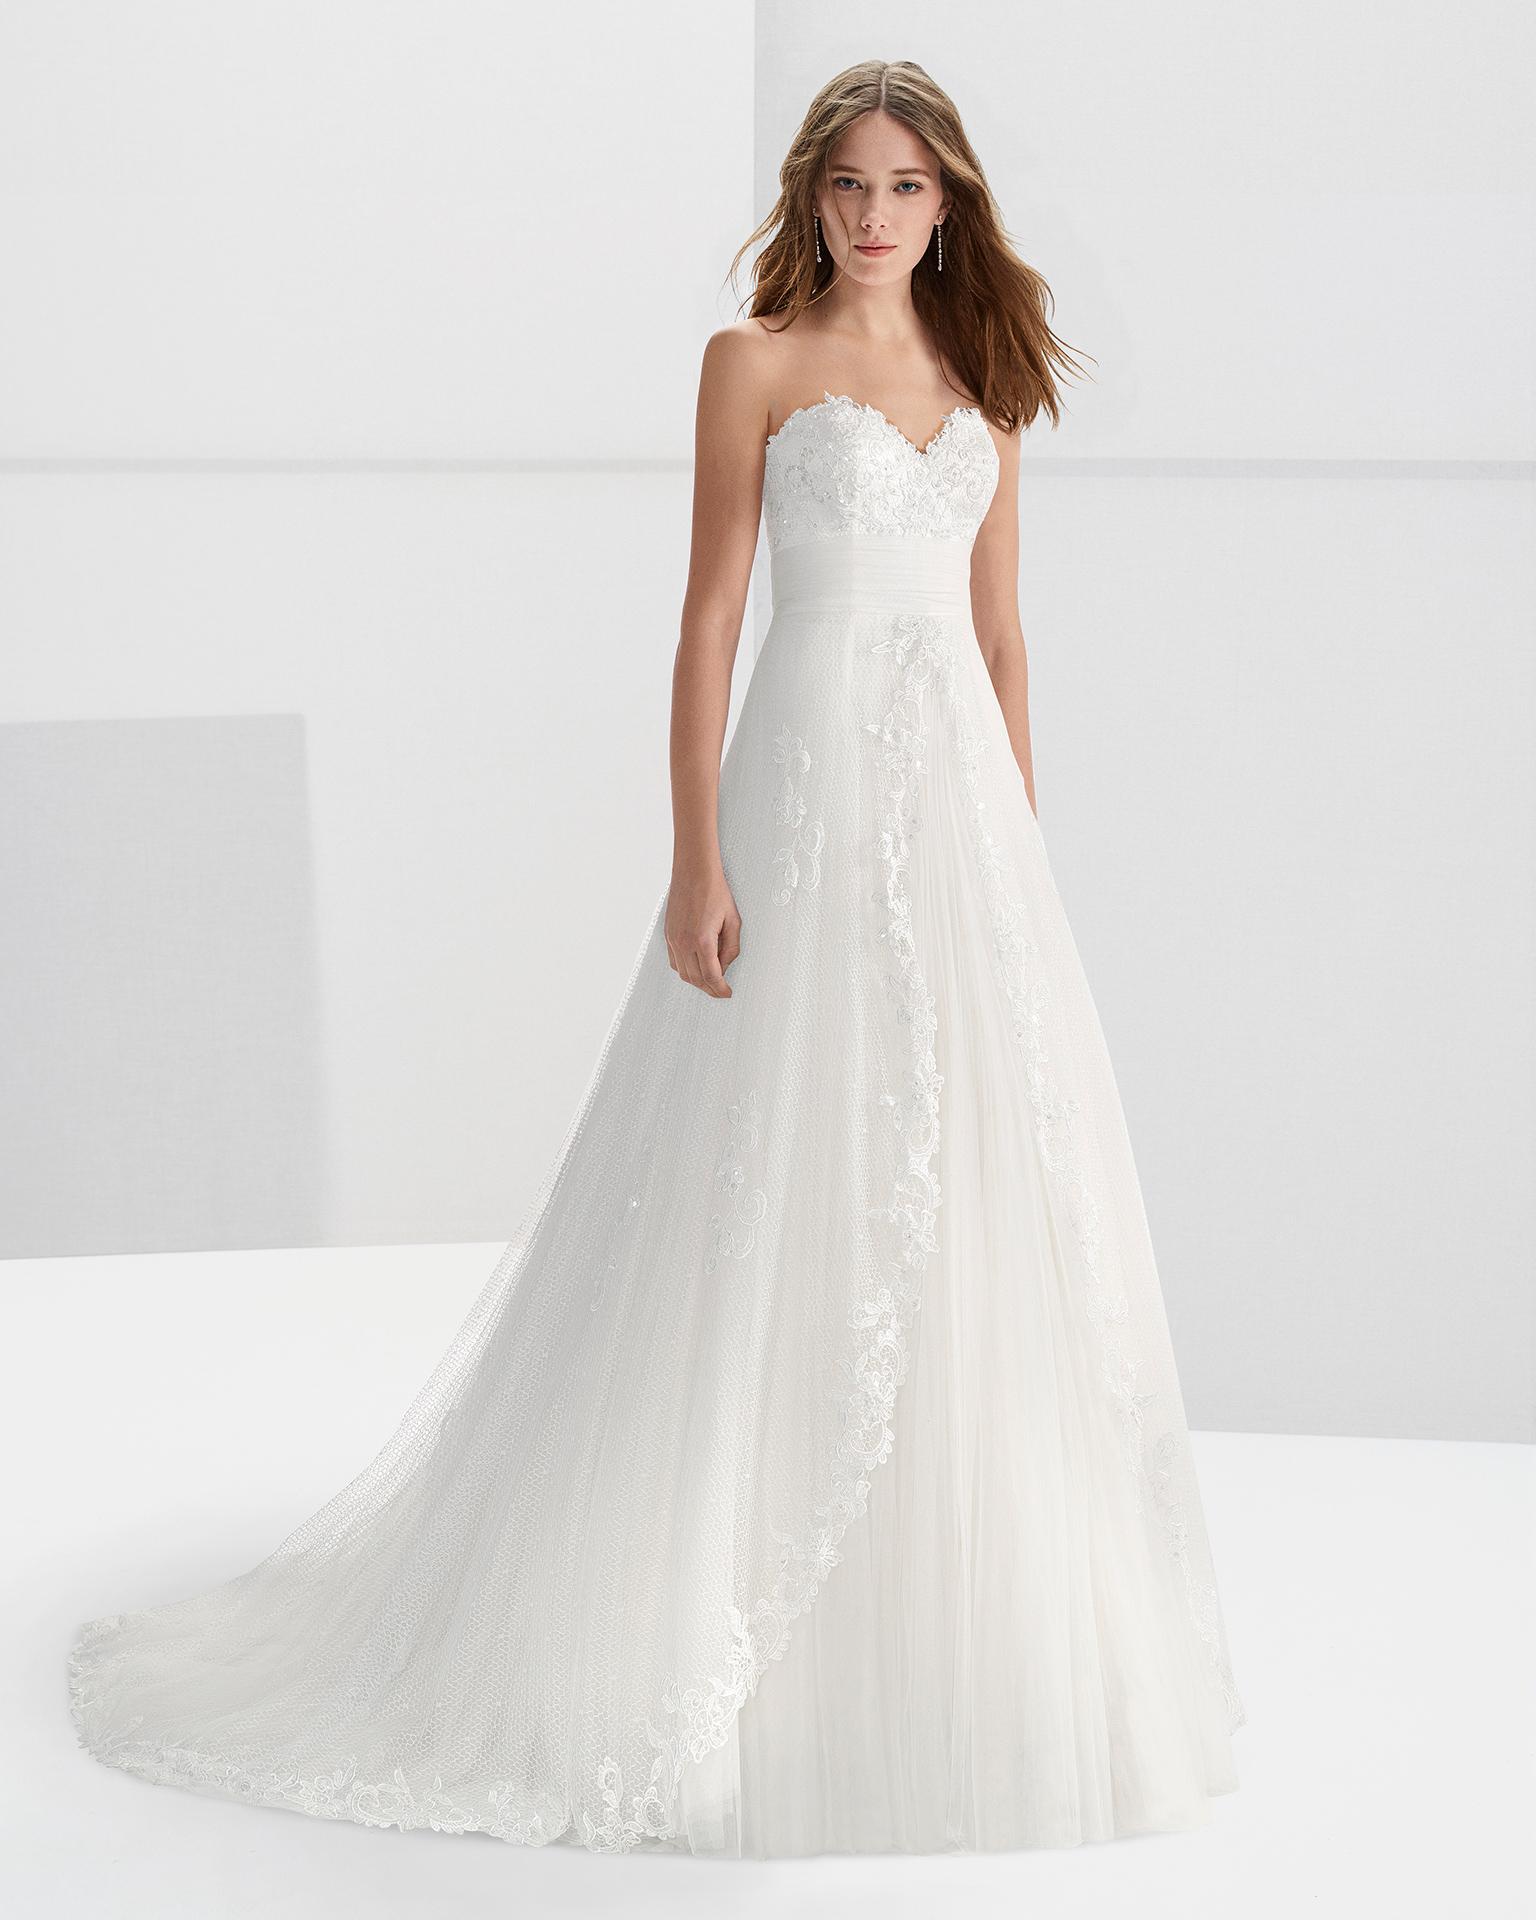 Vestido de novia estilo princesa de guipur y pedreria con escote corazón.